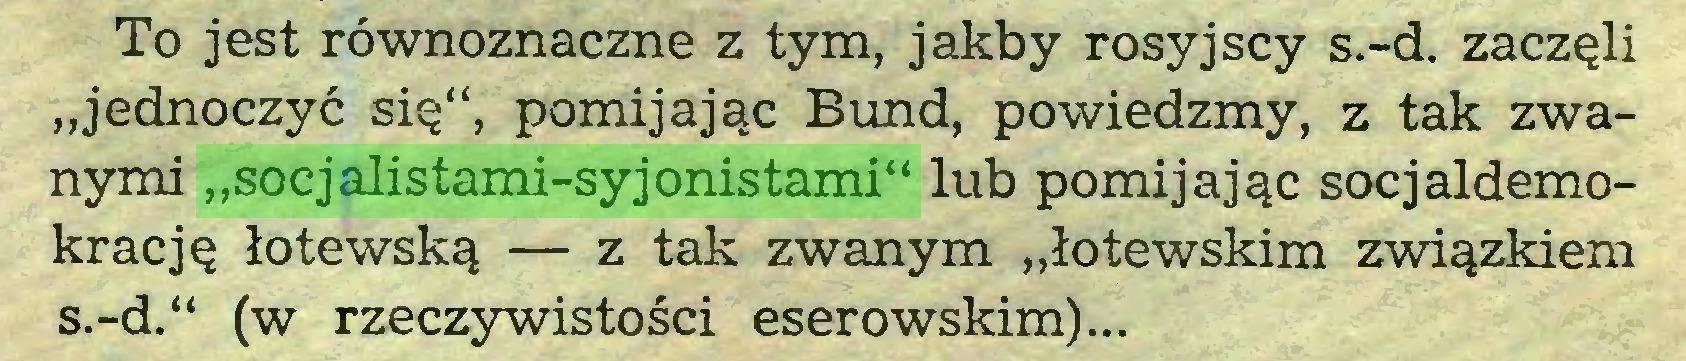 """(...) To jest równoznaczne z tym, jakby rosyjscy s.-d. zaczęli """"jednoczyć się"""", pomijając Bund, powiedzmy, z tak zwanymi """"socjalistami-syjonistami"""" lub pomijając socjaldemokrację łotewską — z tak zwanym """"łotewskim związkiem s.-d."""" (w rzeczywistości eserowskim)..."""